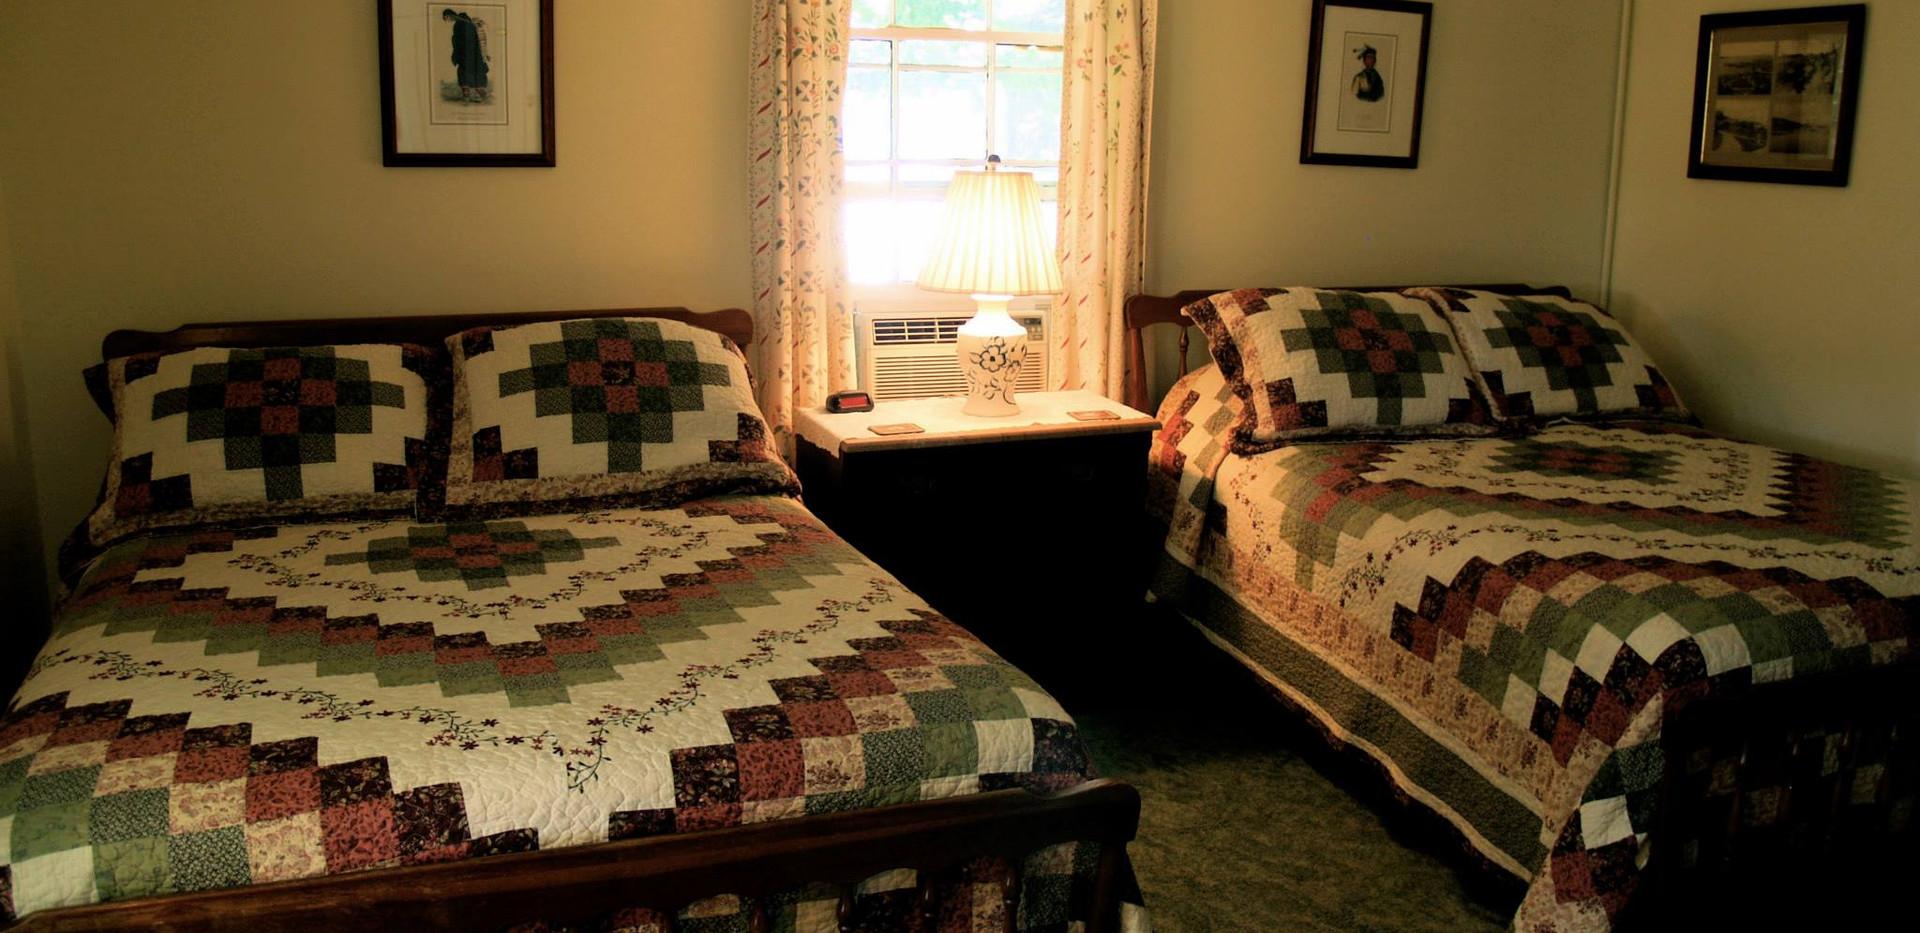 The Rev William Ferry Room